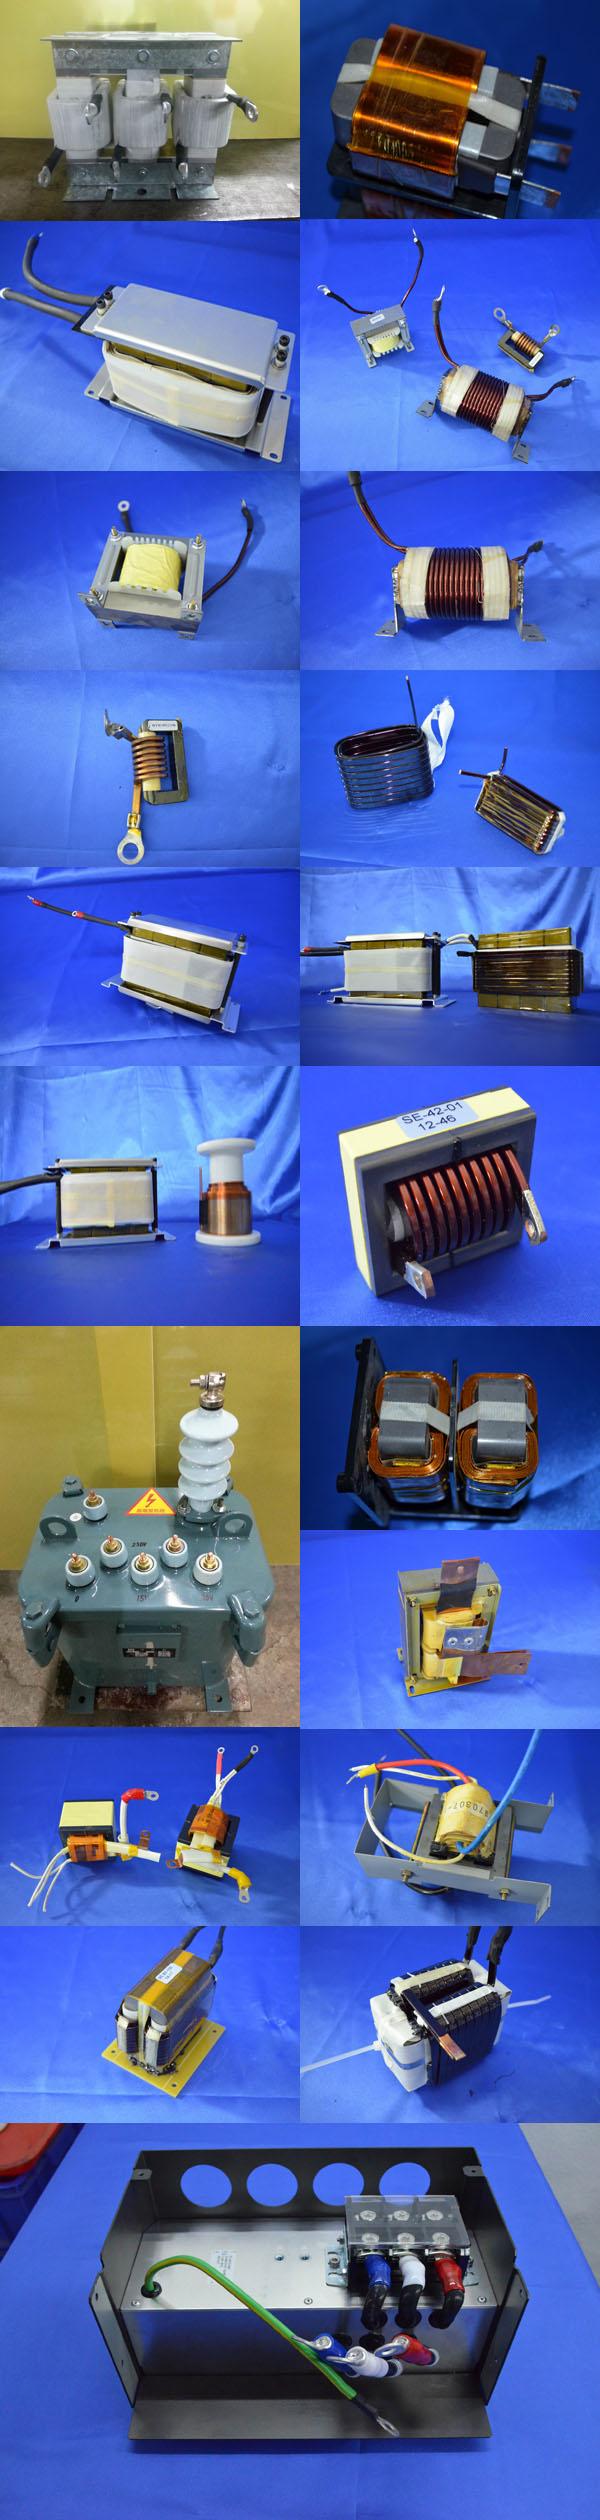 Circuit Board Printing Pcb Printing Machine Printed Circuit Board